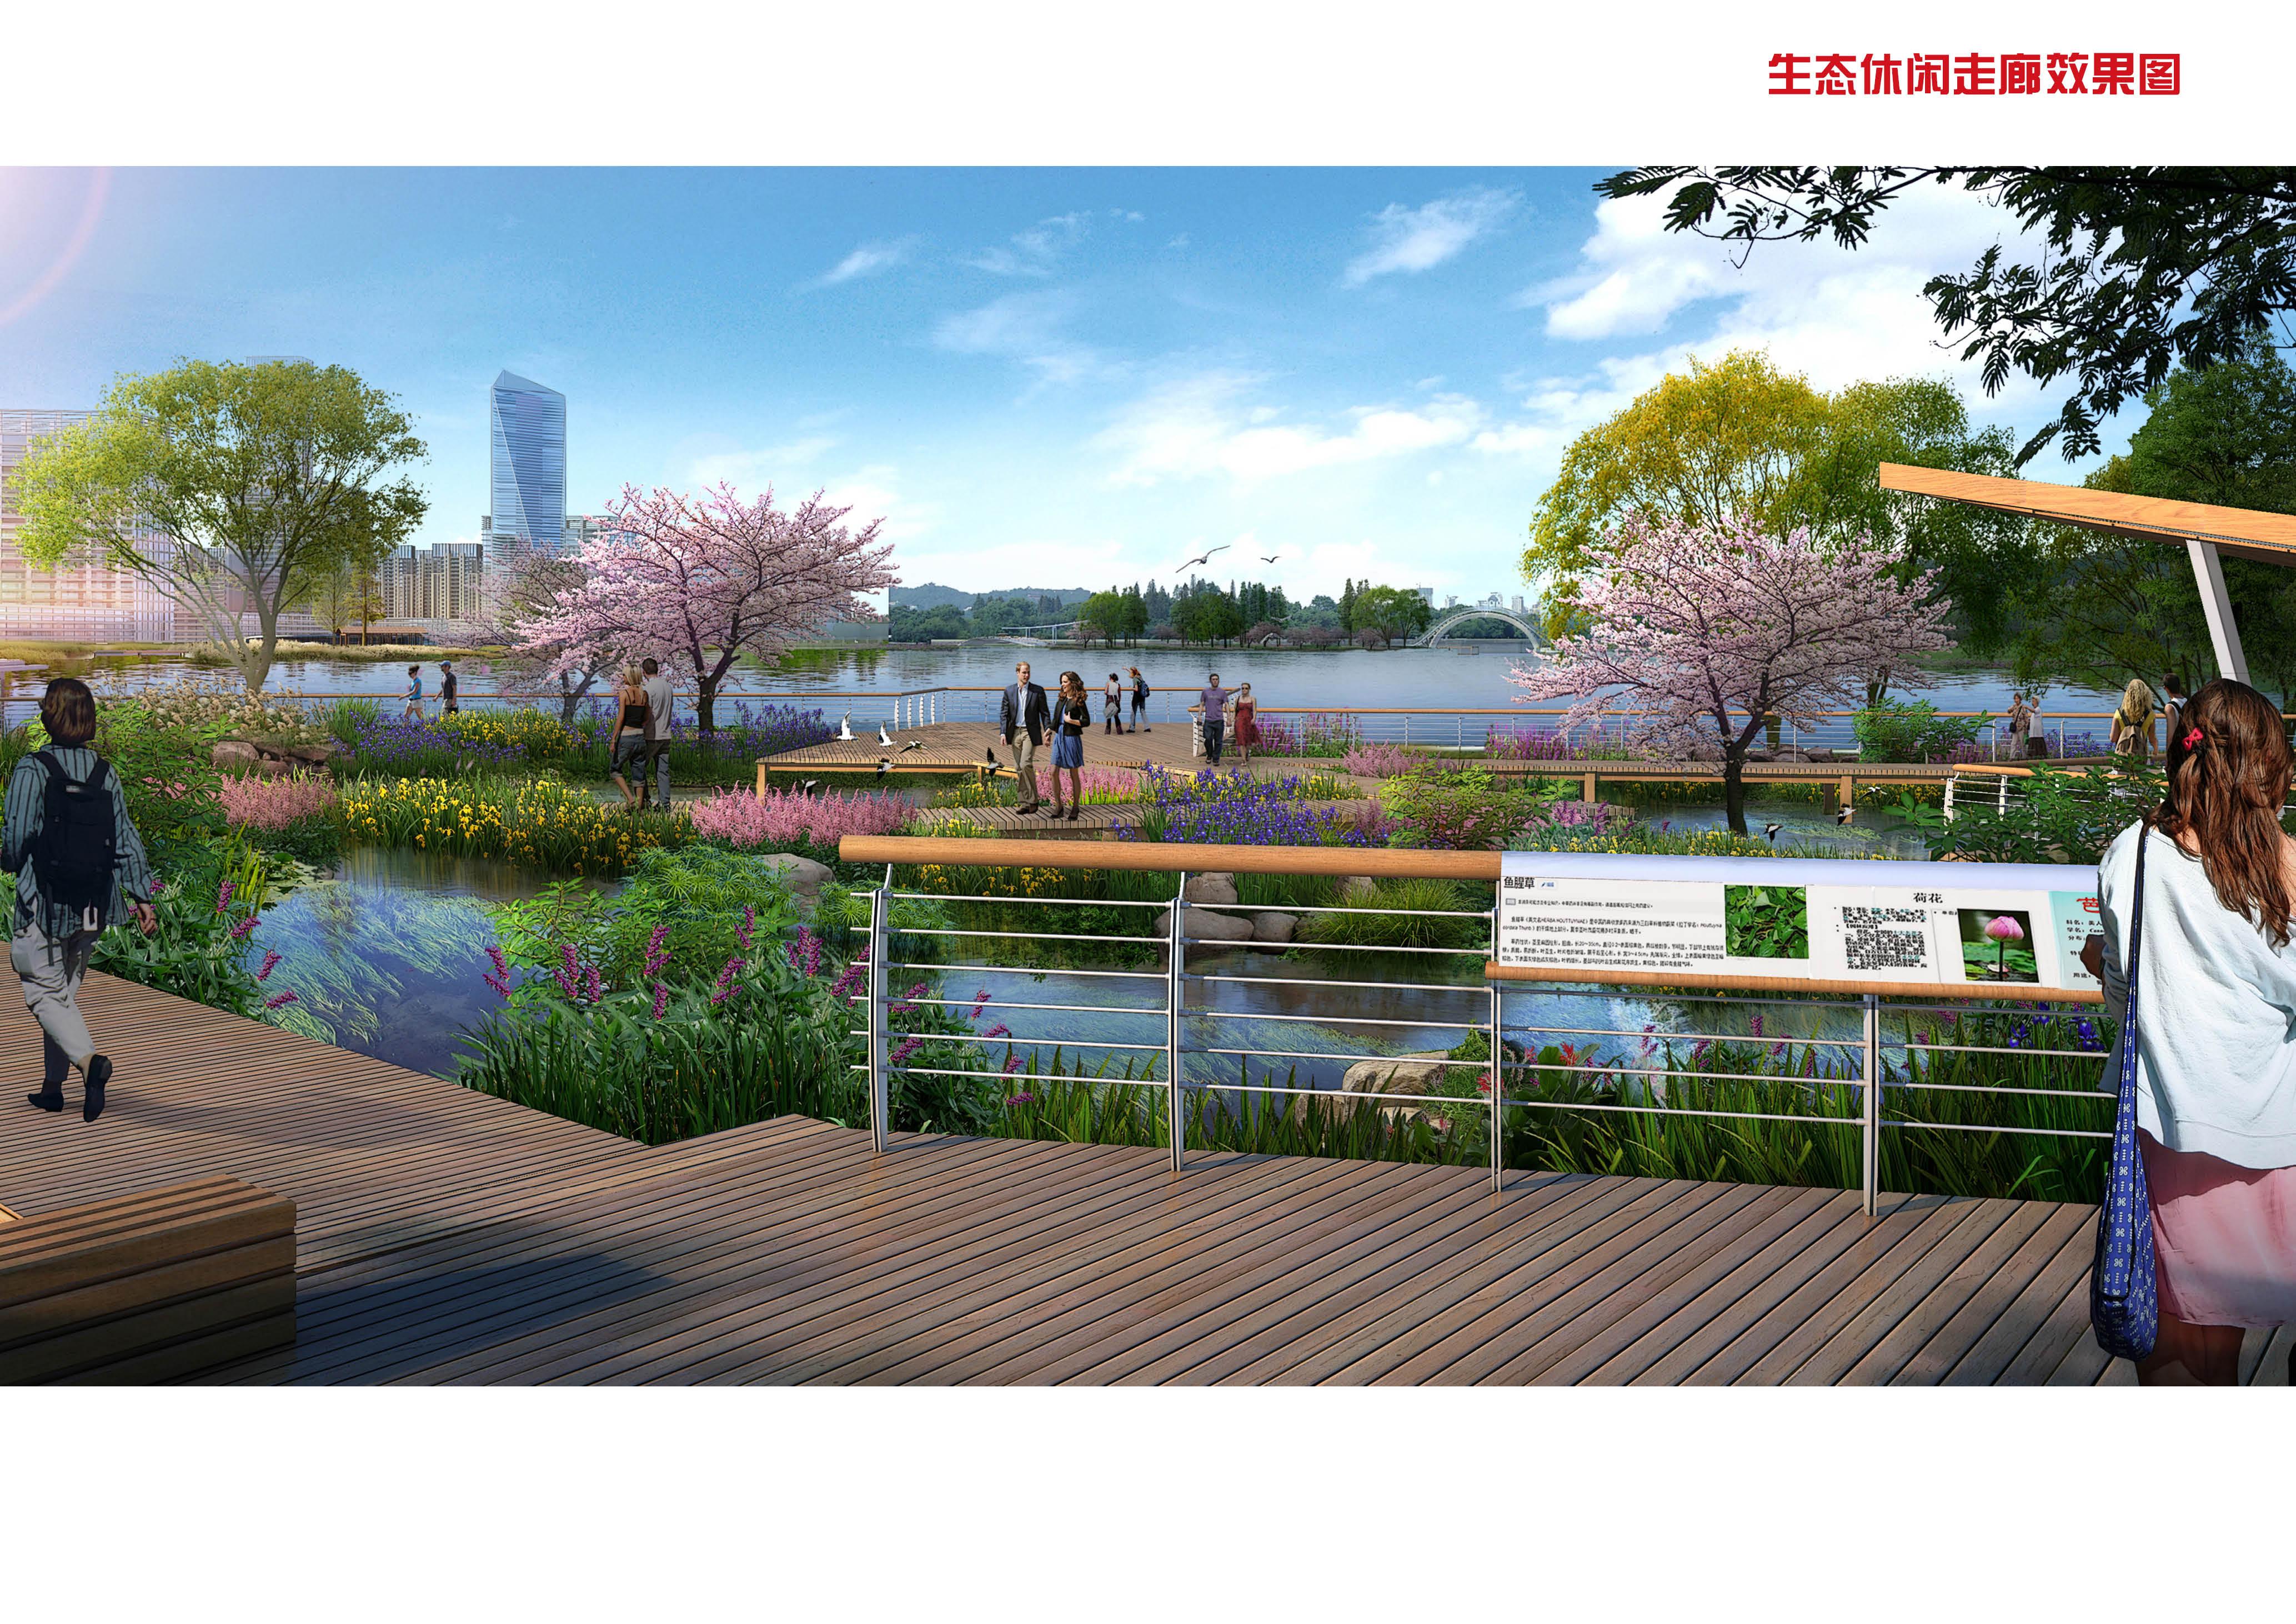 洋口港开发区海洋主题公园-洋口港开发区海洋主题公园景观设计72